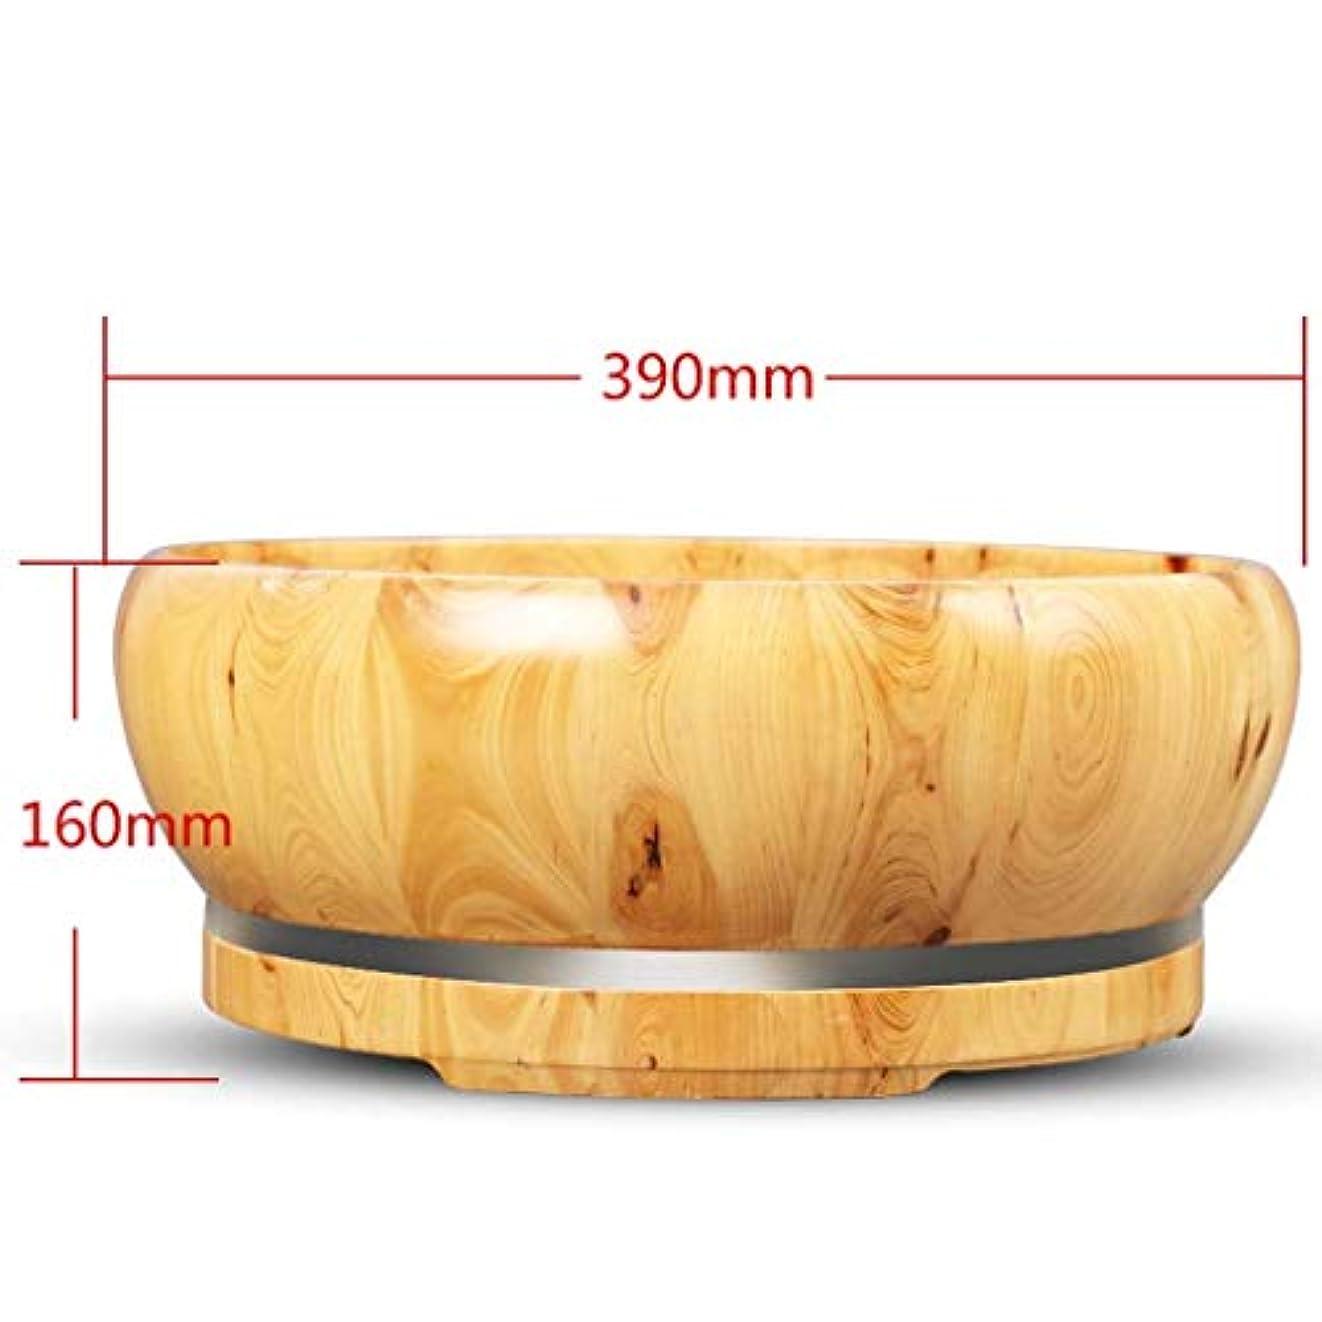 均等に胴体変換するス浴槽 フットスパ浴槽、木製フットバスボウル家庭用洗面器Fu蒸バレルフットケア浴槽バケットペディキュア肥厚断熱ボウル美容 (Color : Cedar B)